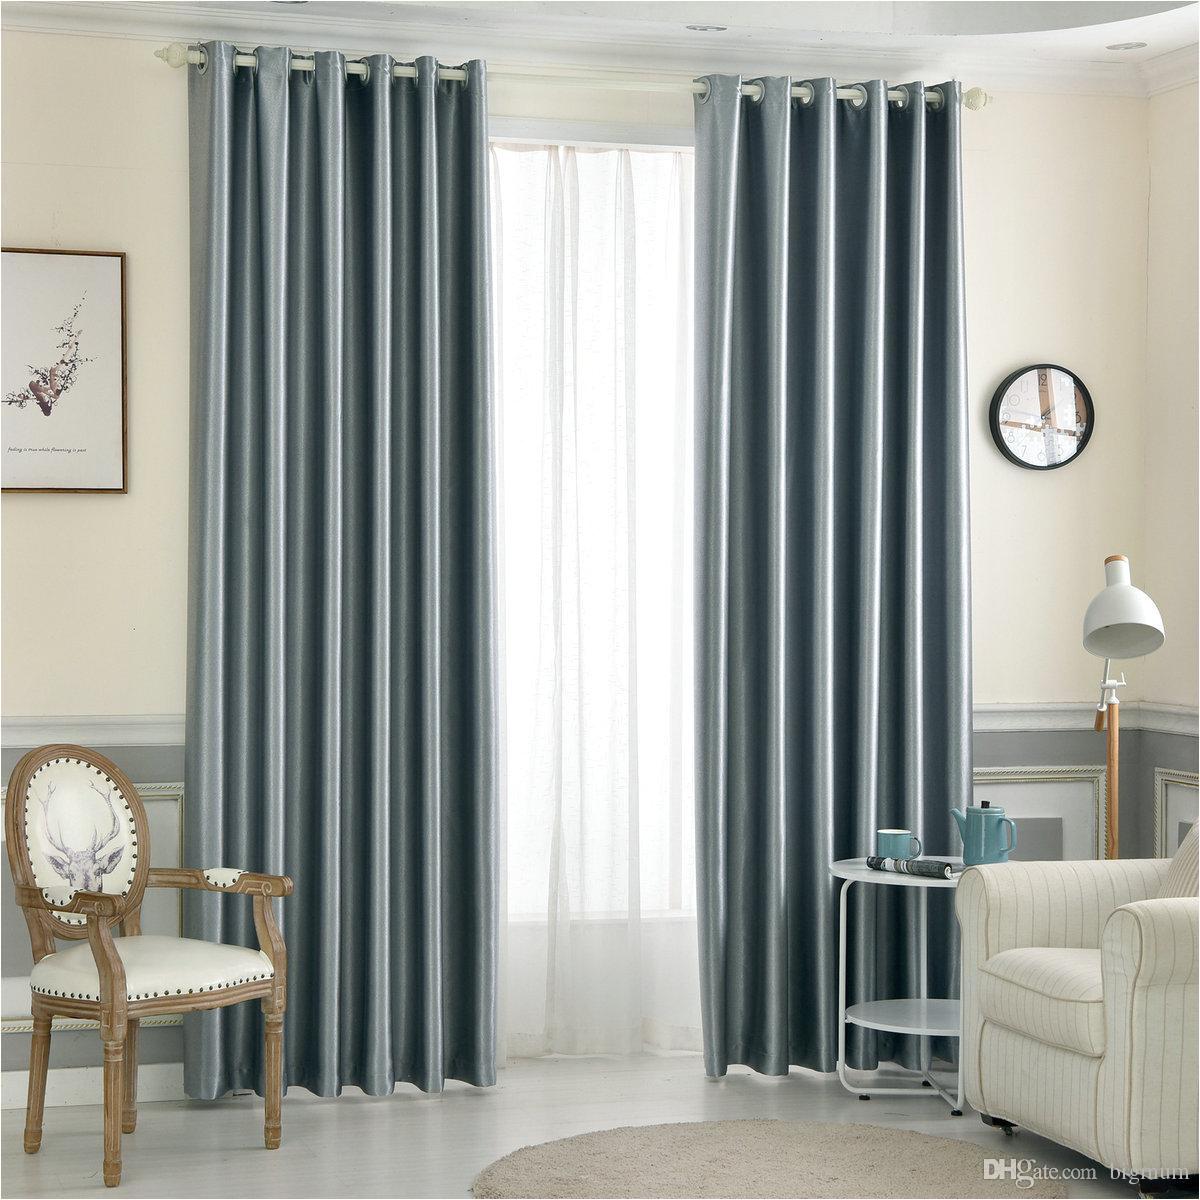 compre cortina opaca sa lida para la sala de estar cocina alta densidad del dormitorio cocina europea y americana a 14 13 del bigmum dhgate com